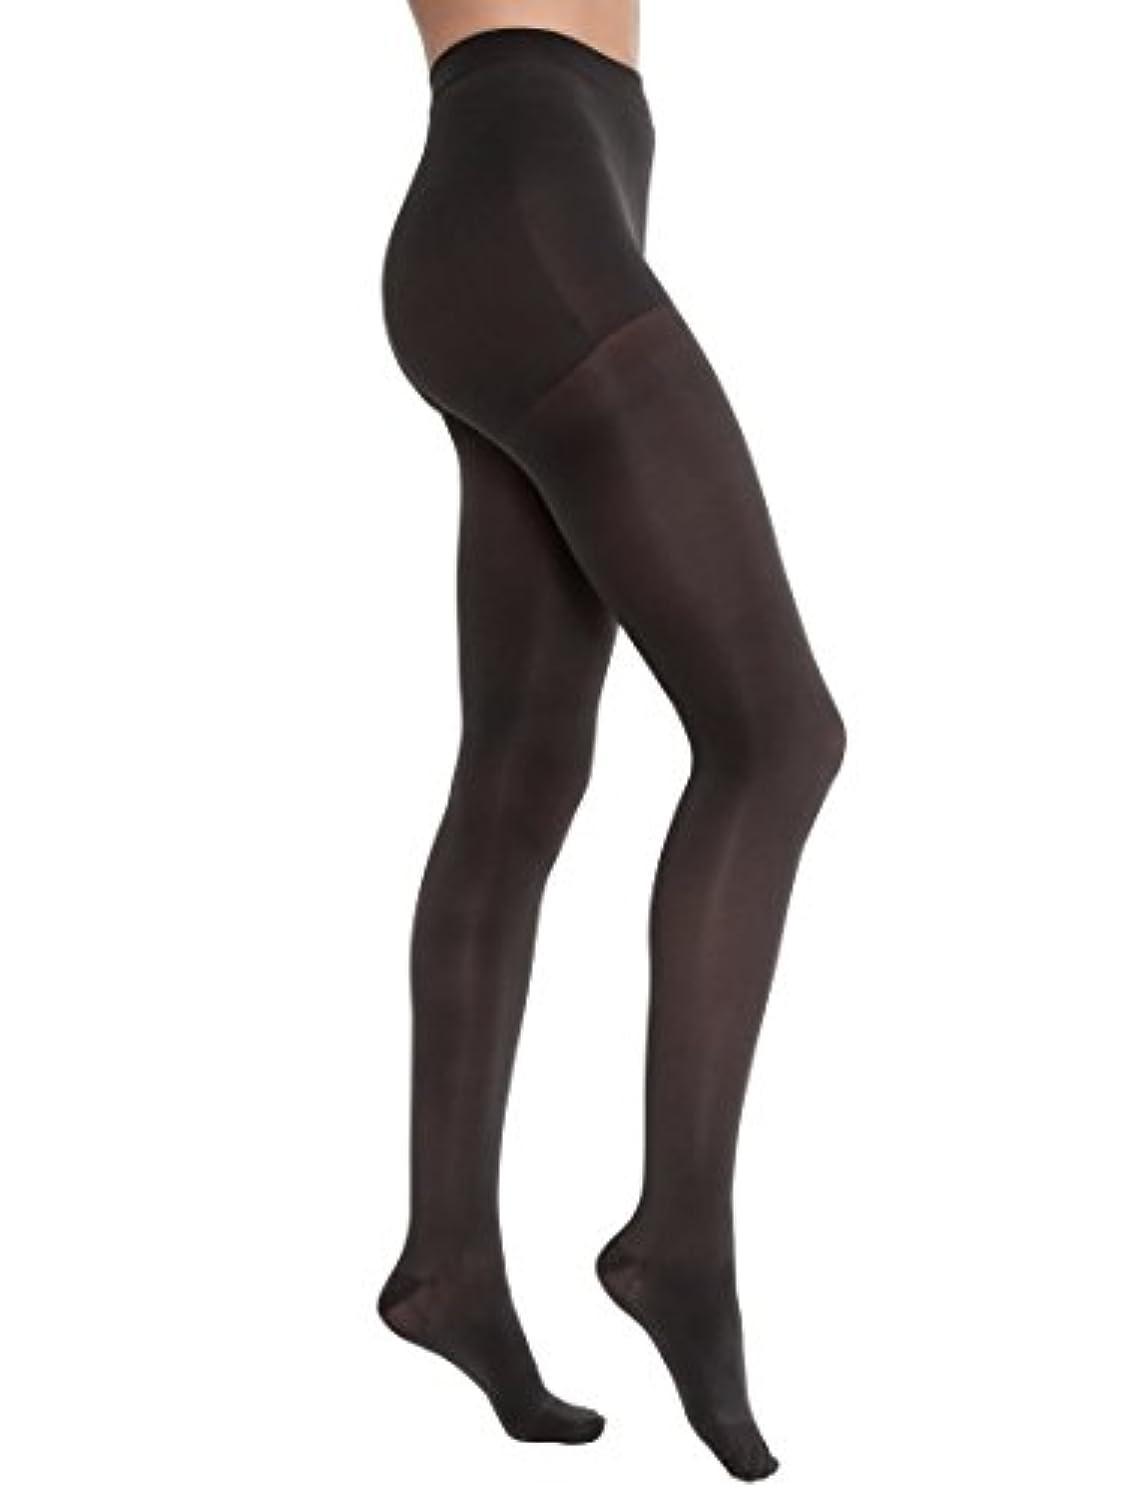 開いた無能受け継ぐJobst 115158 Opaque Pantyhose 20-30 mmHg Firm Support - Size & Color- Classic Black Large